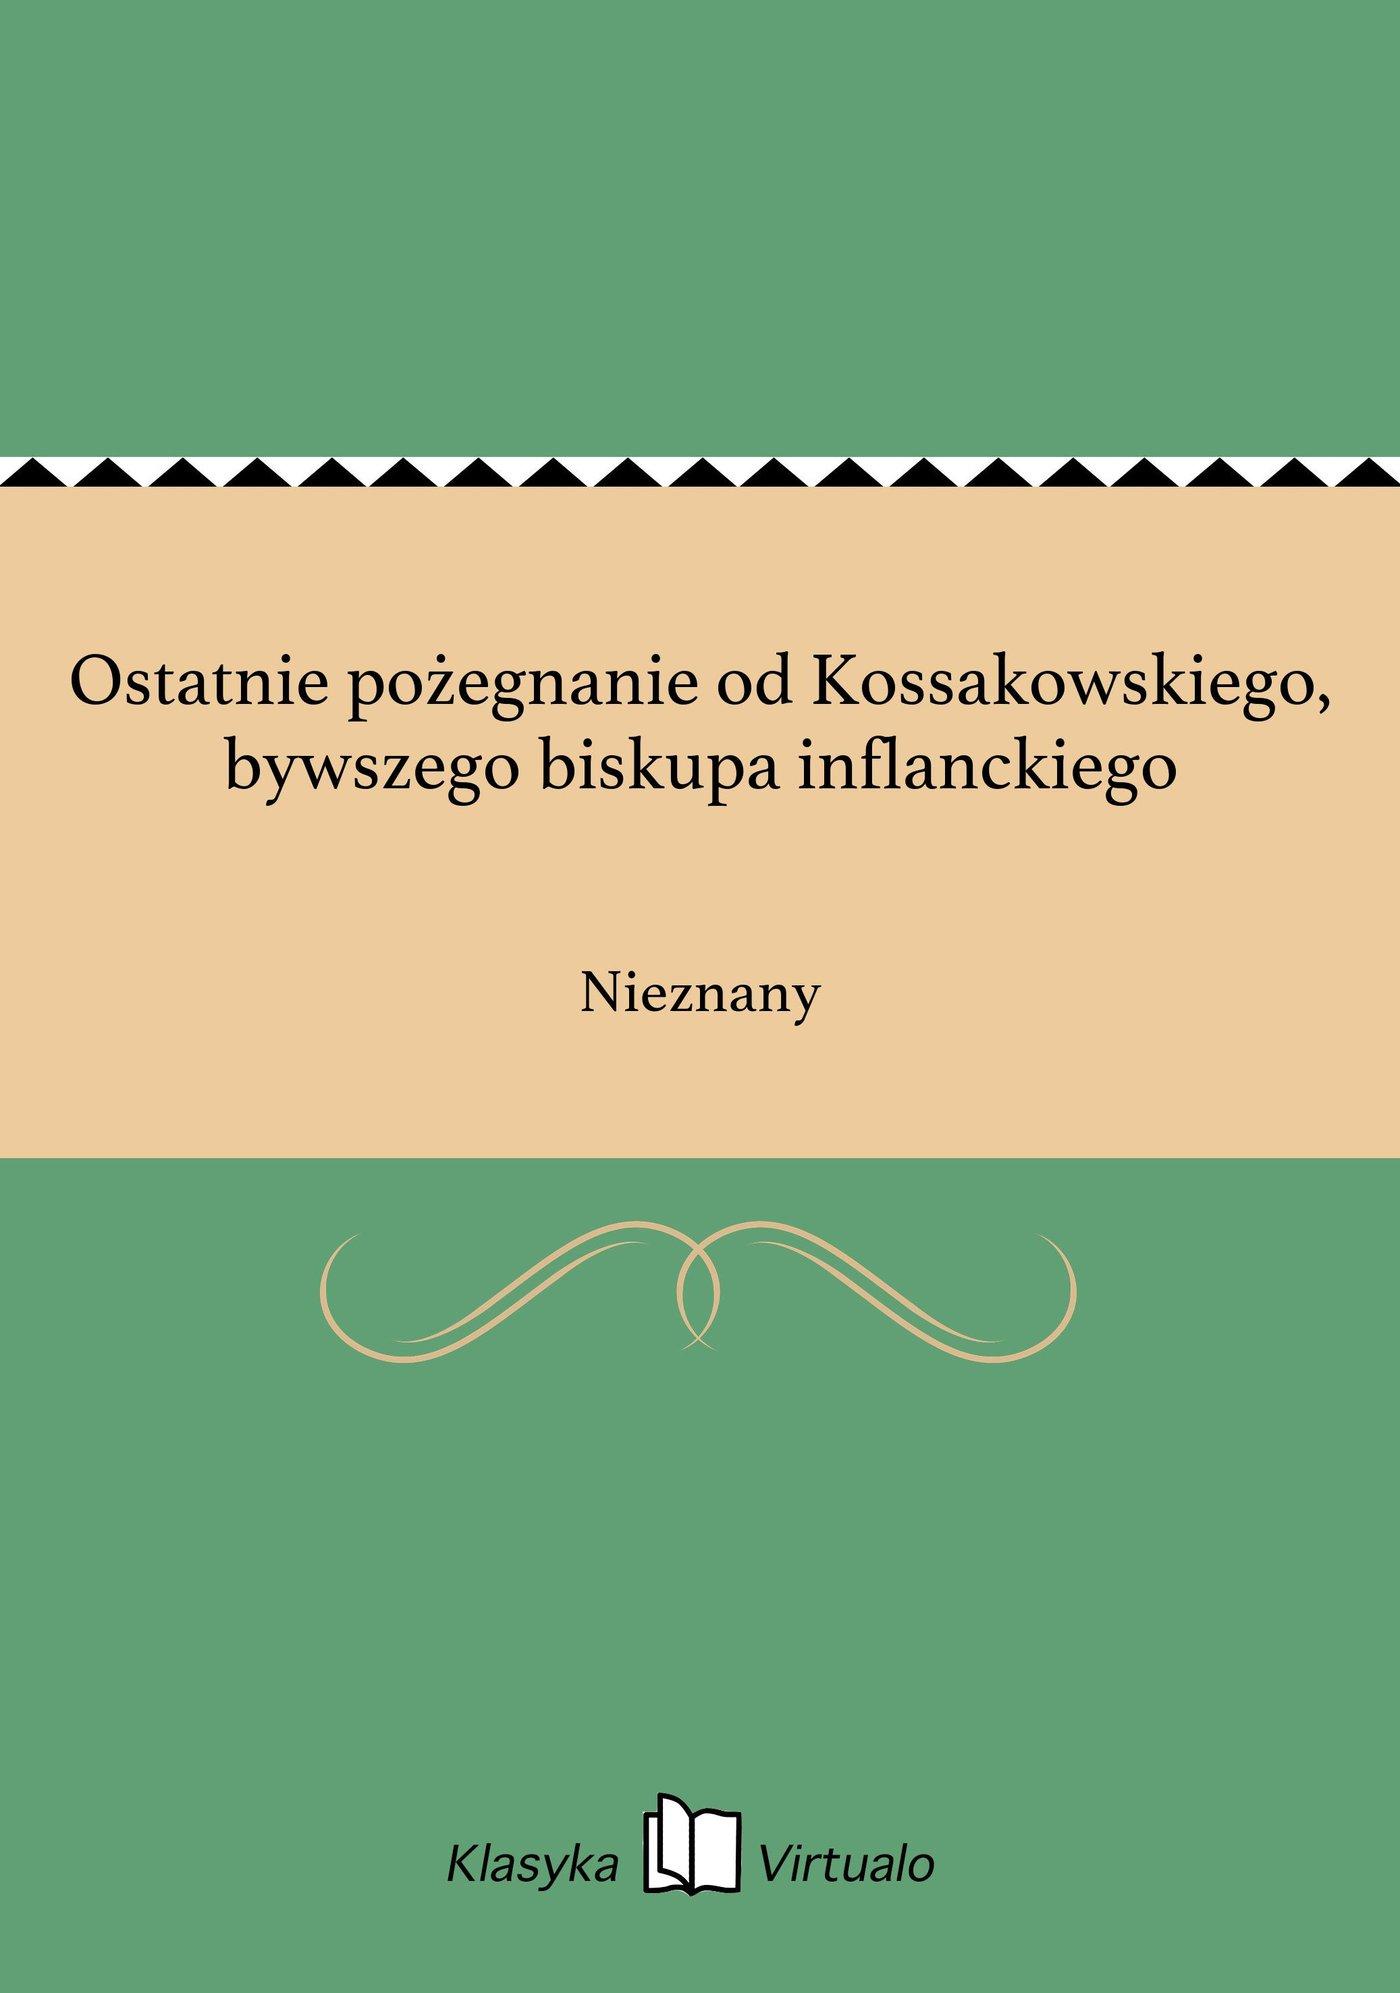 Ostatnie pożegnanie od Kossakowskiego, bywszego biskupa inflanckiego - Ebook (Książka EPUB) do pobrania w formacie EPUB